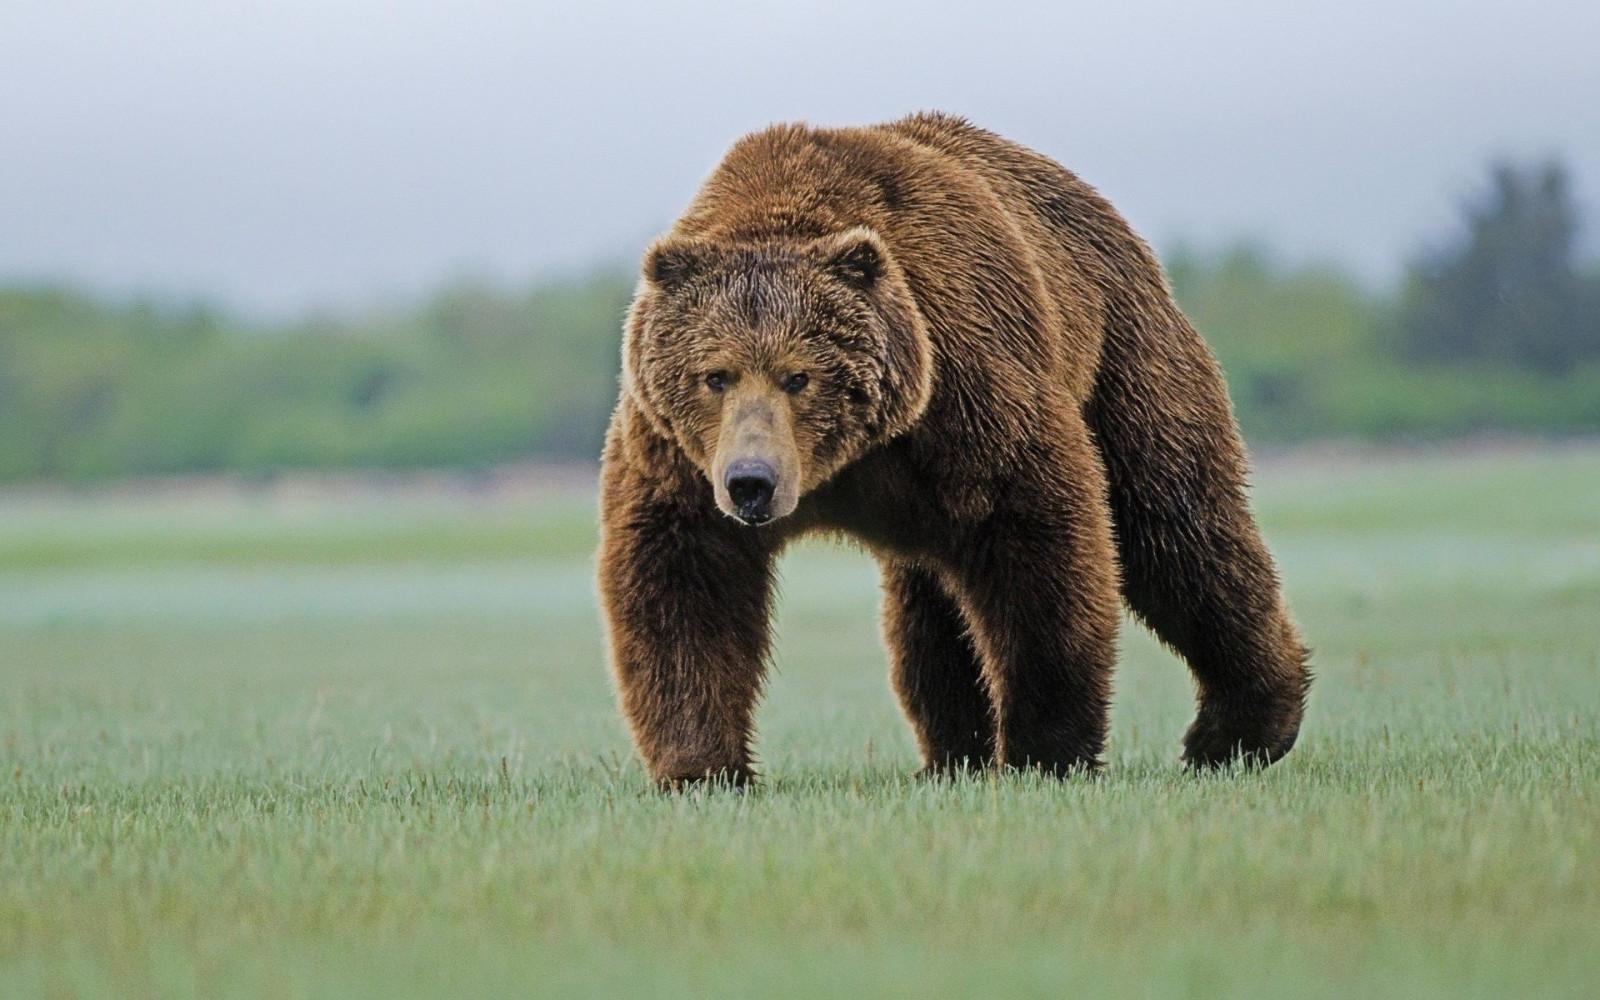 Медведь загрыз рыбака в хабаровском крае